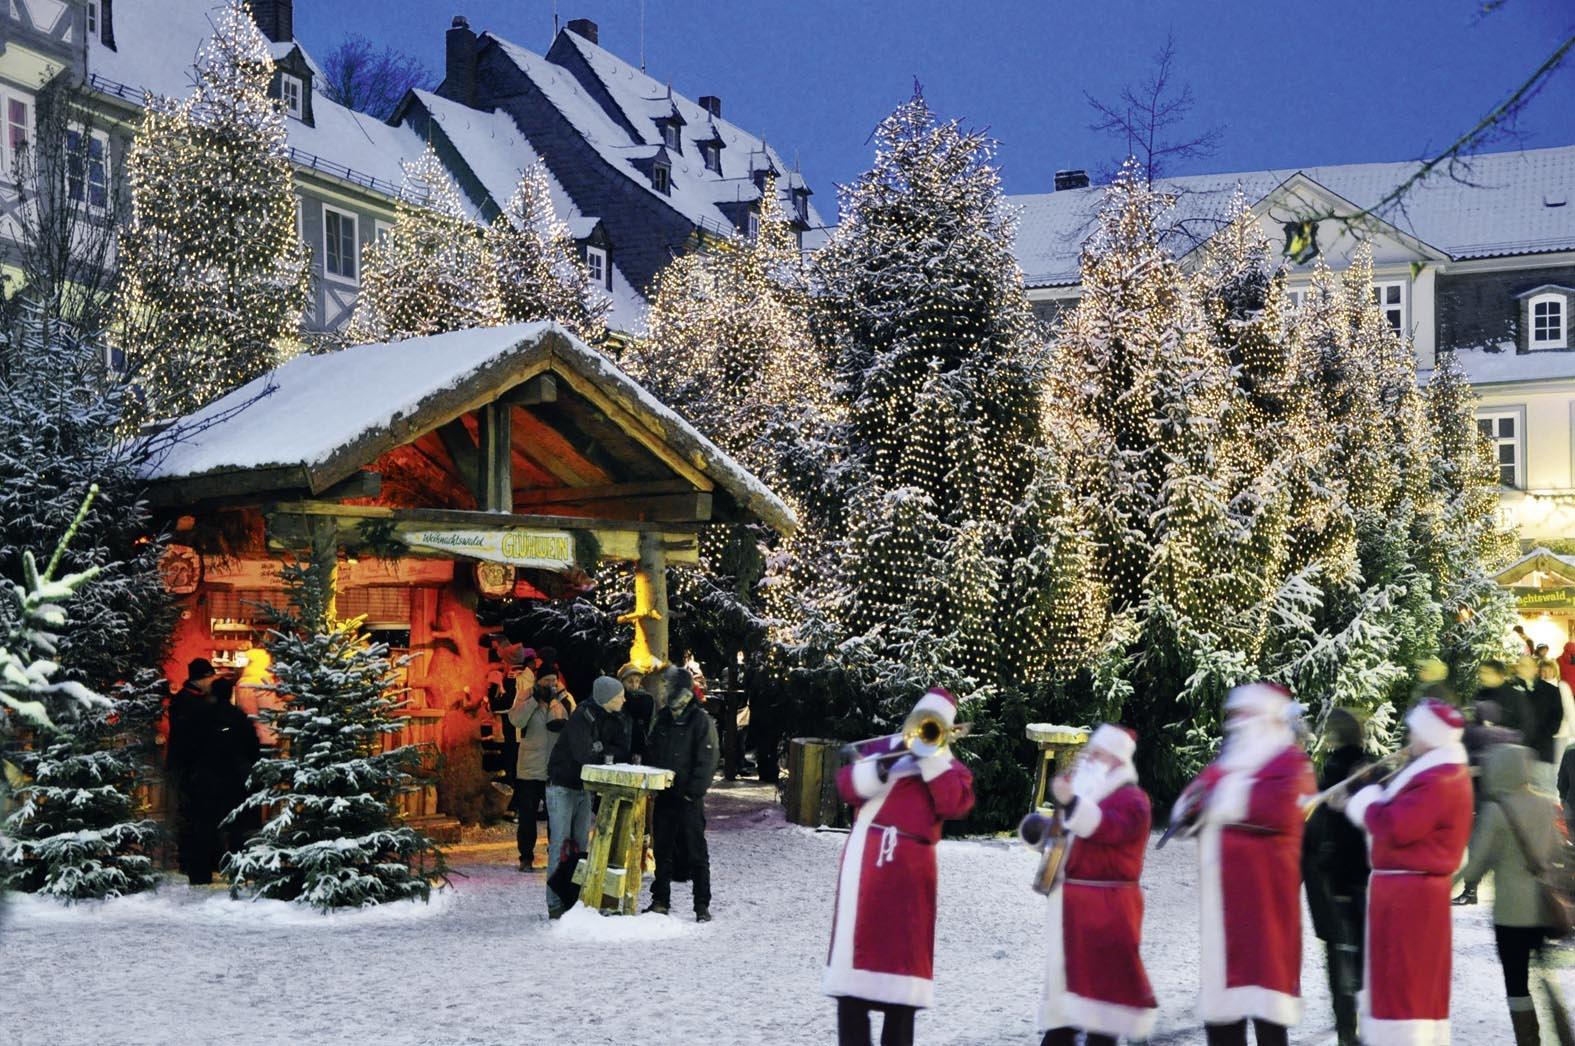 Weihnachtswald auf dem Schuhhof, GOSLAR marketing gmbh